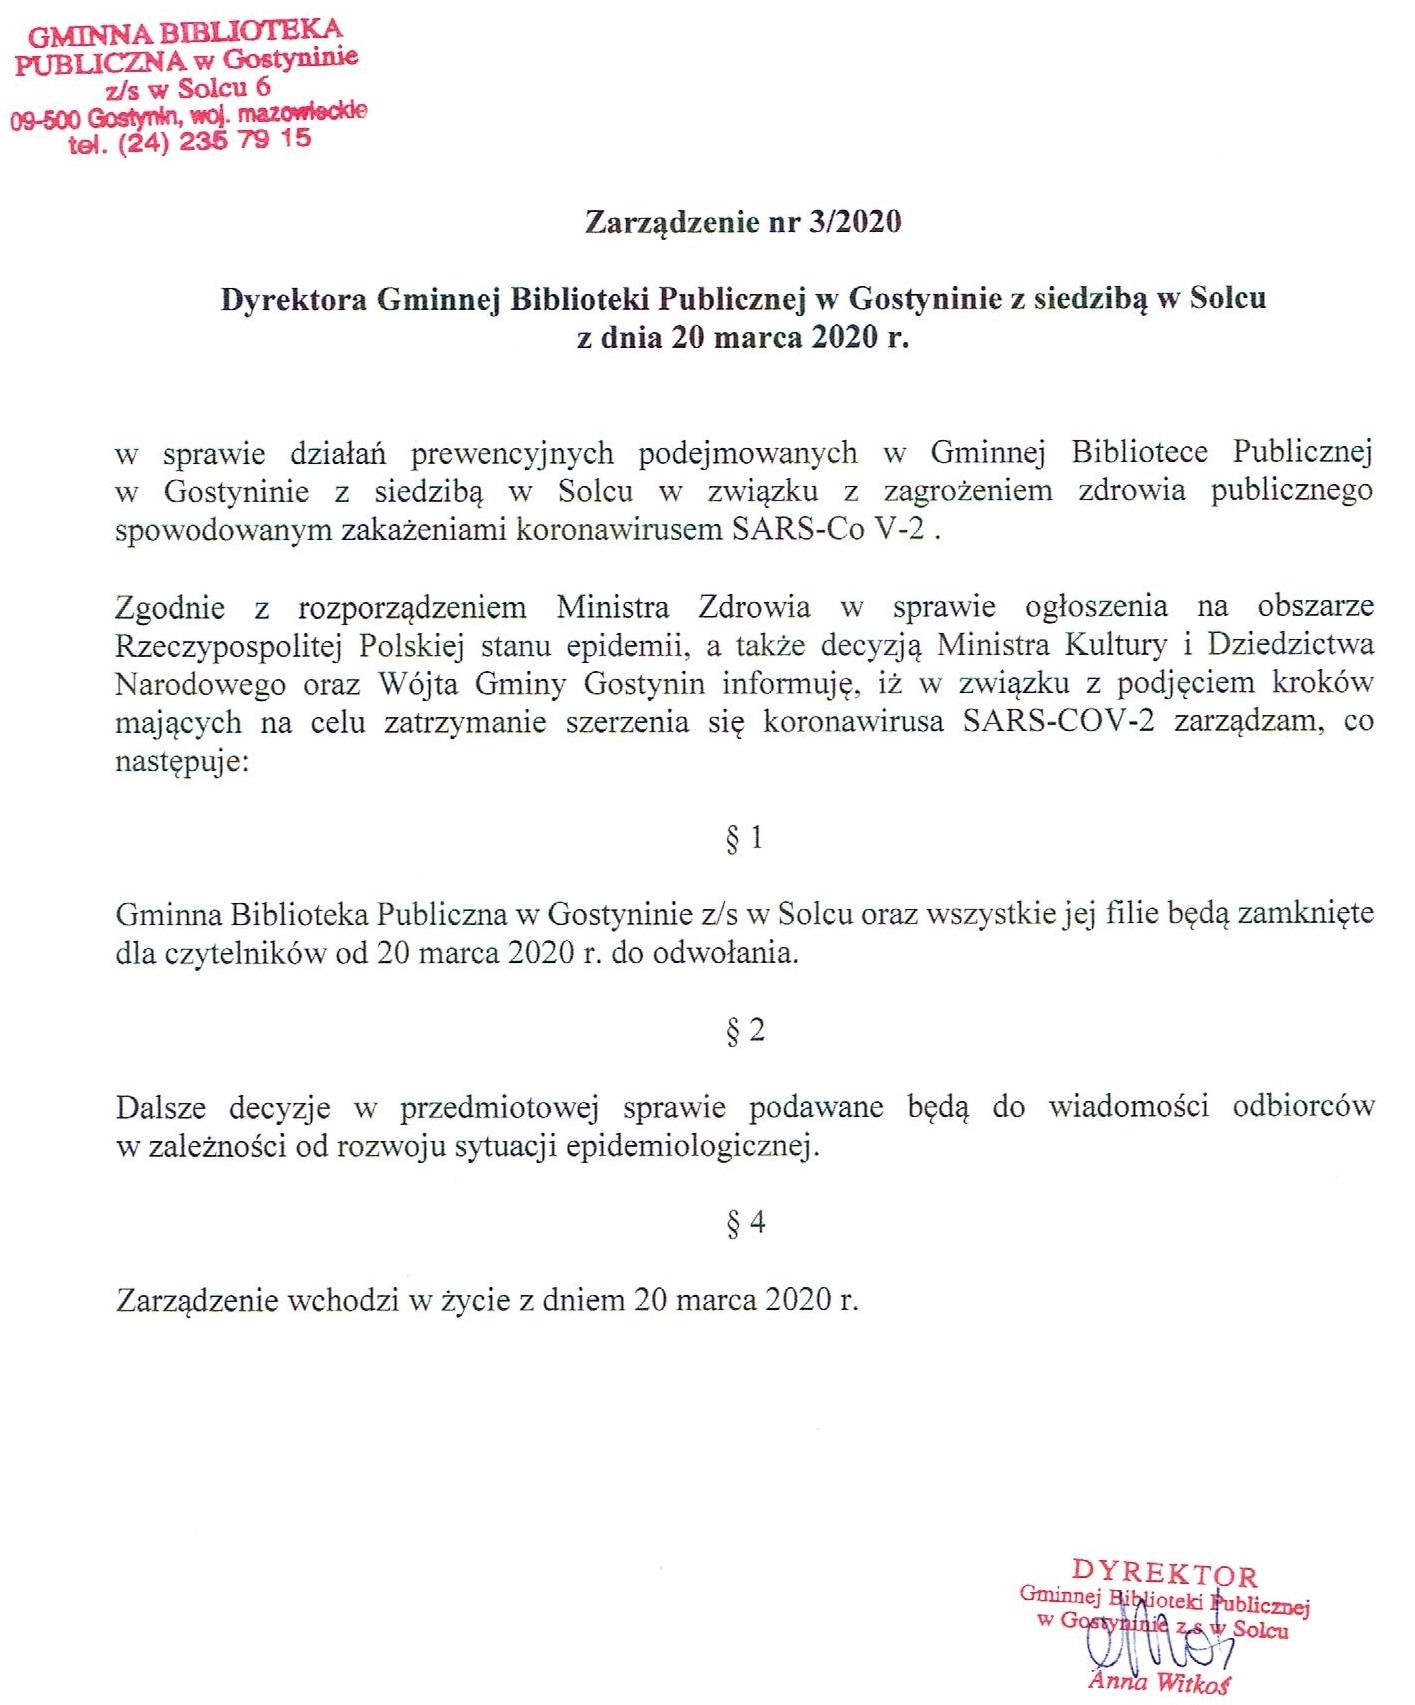 Zarządzenie Dyrektora Gminnej Biblioteki Publicznej w Gostyninie z siedzibą w Solcu w sprawie działań prewencyjnych związanych z koronawirusem SARS-Co V-2